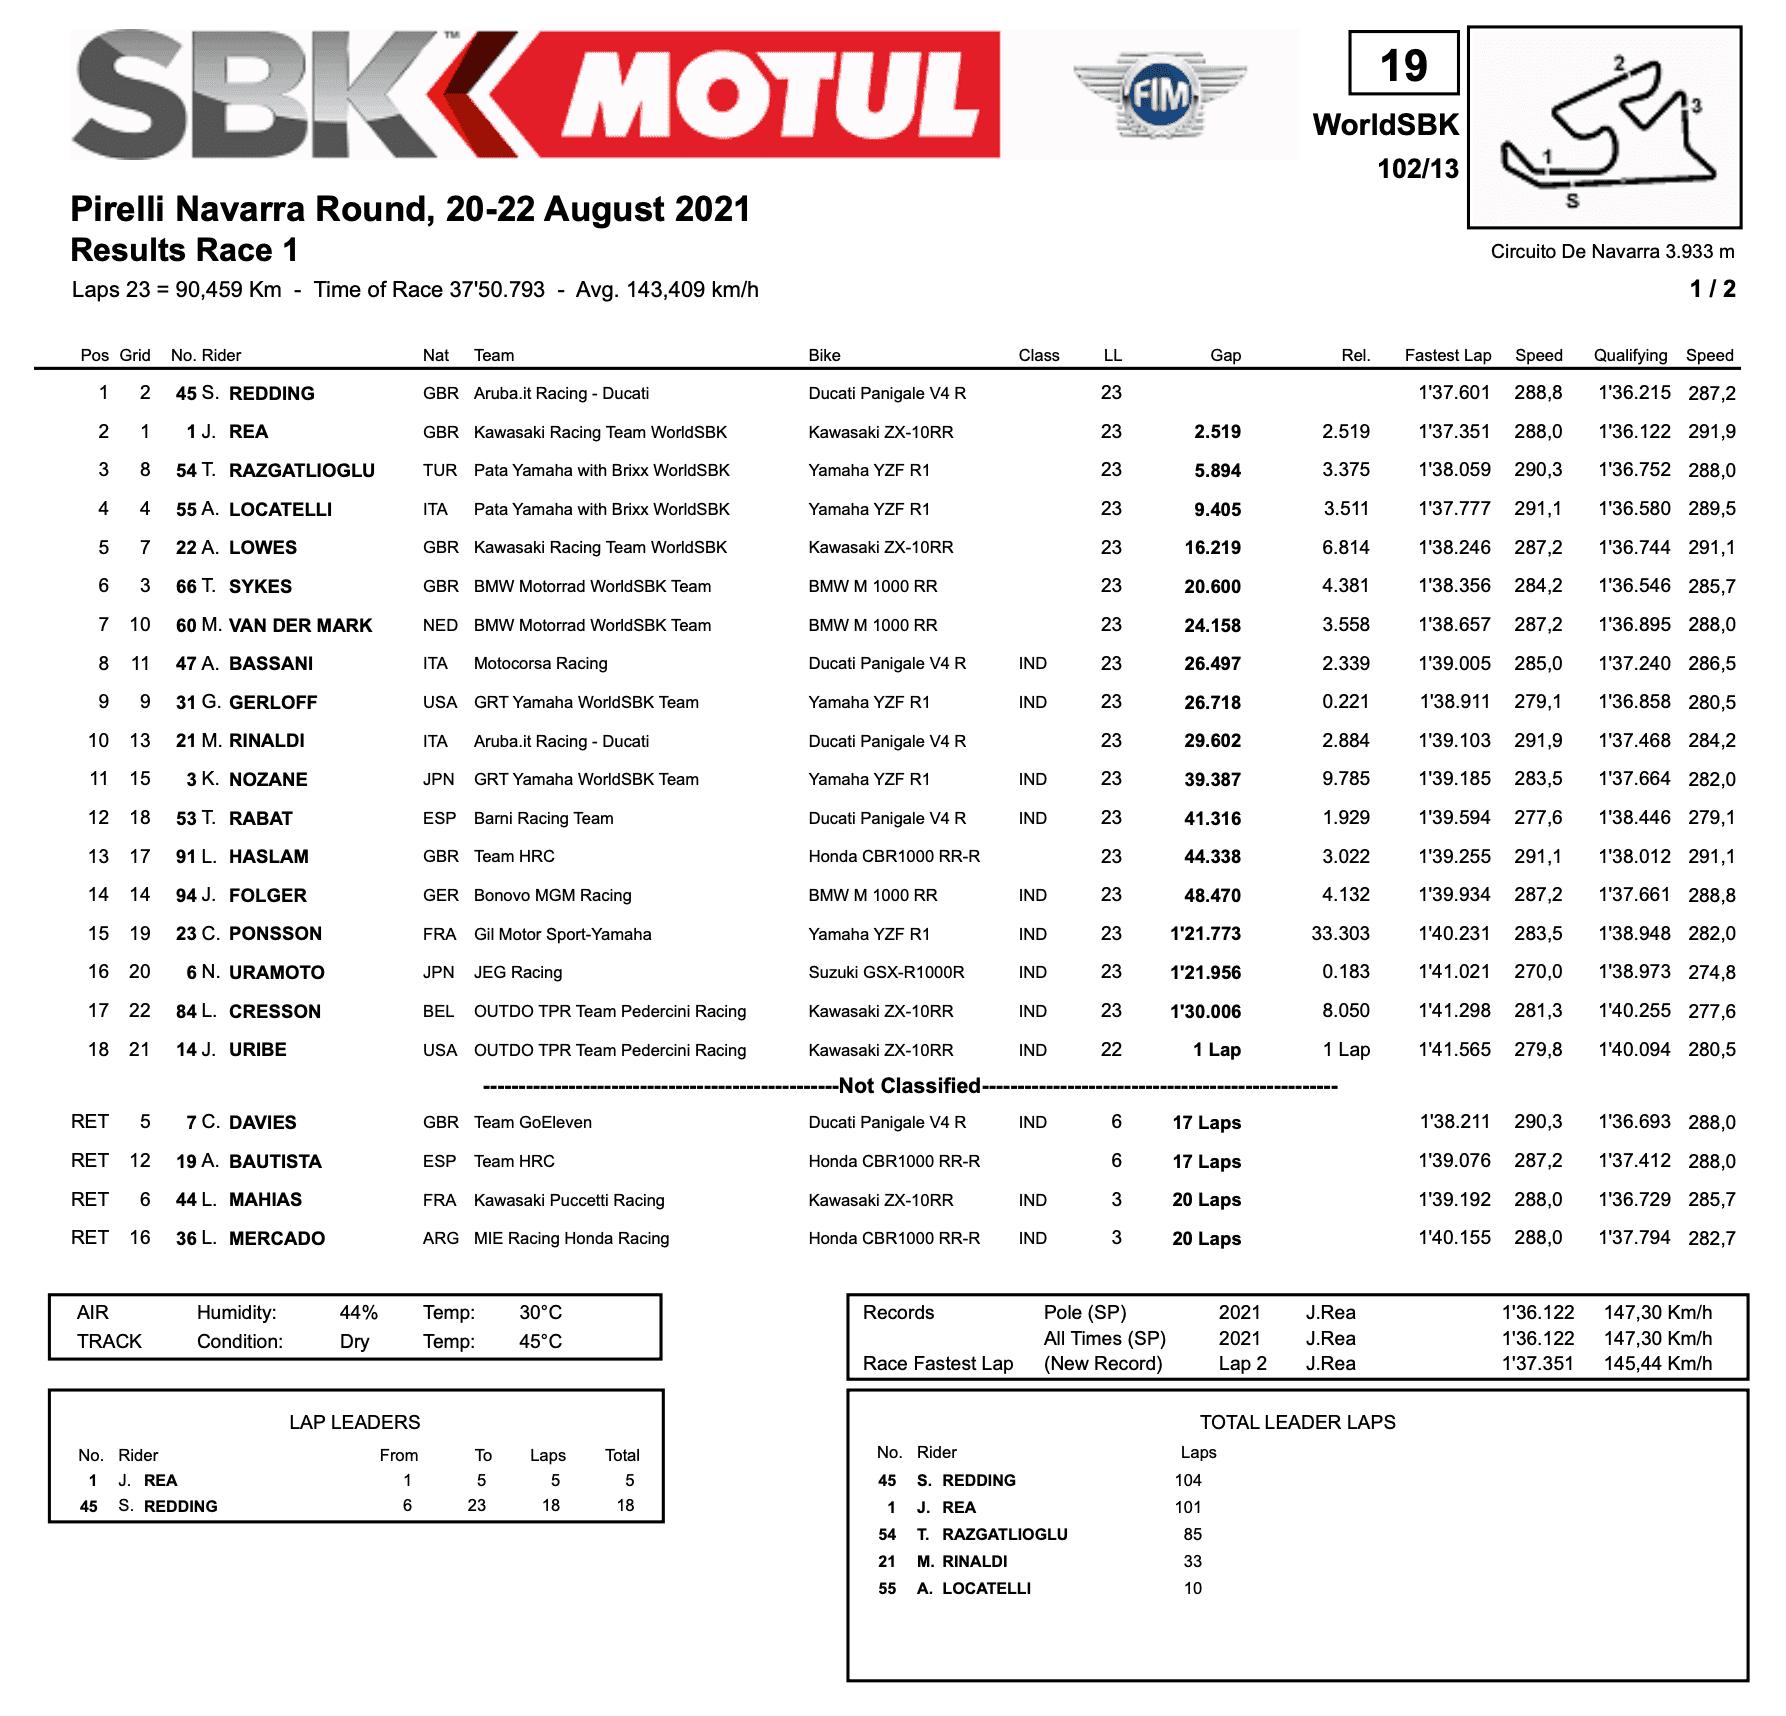 FIM スーパーバイク世界選手権(SBK)ナバラ戦 レース1優勝はスコット・レディング